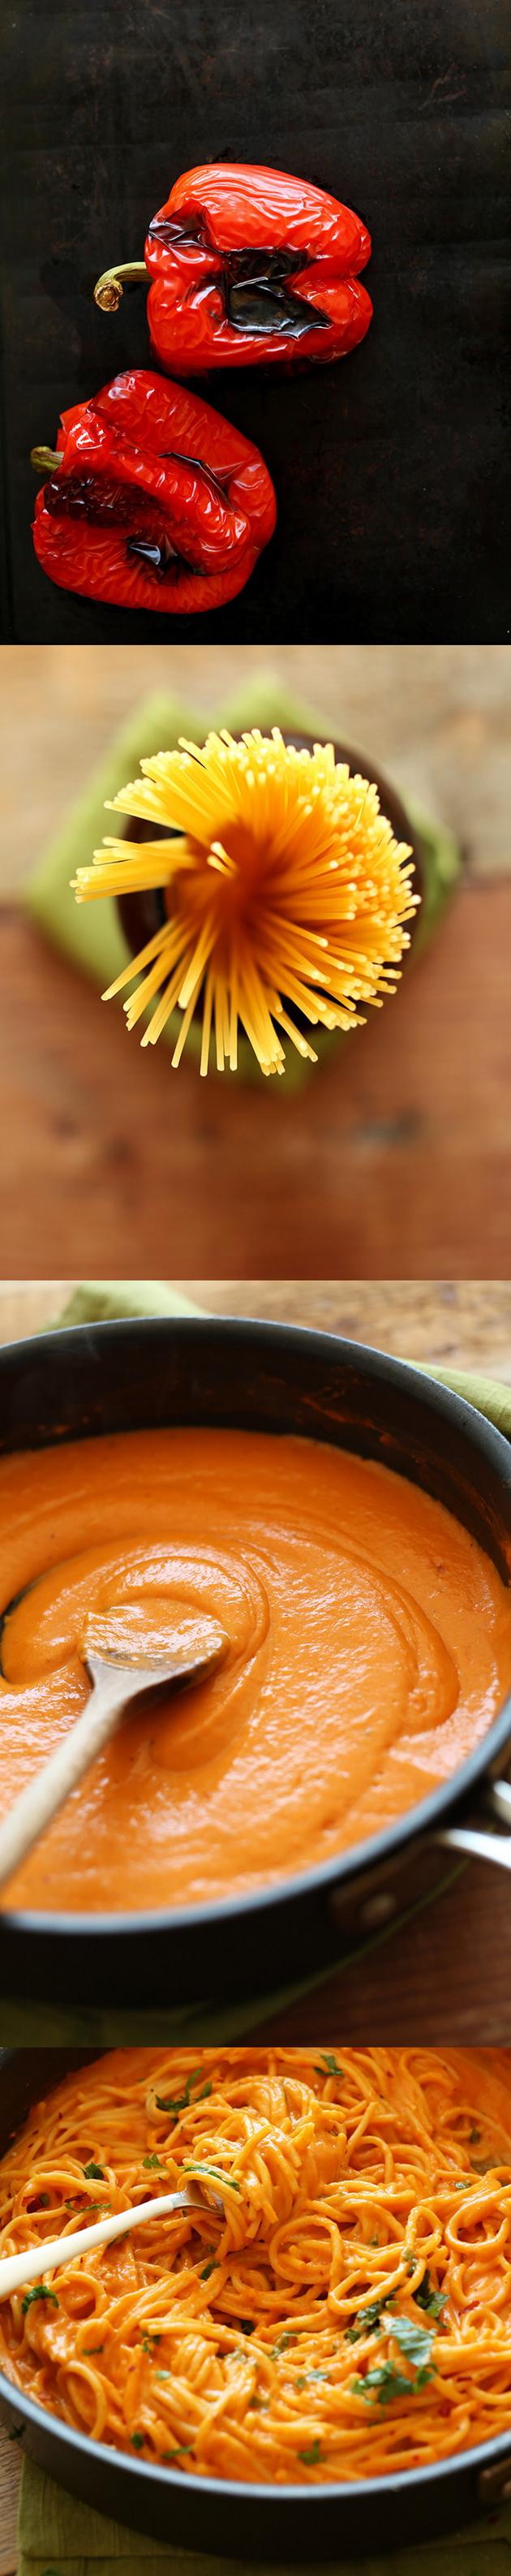 5-zdravi-i-vkusni-recepti-so-pasta-1.jpg